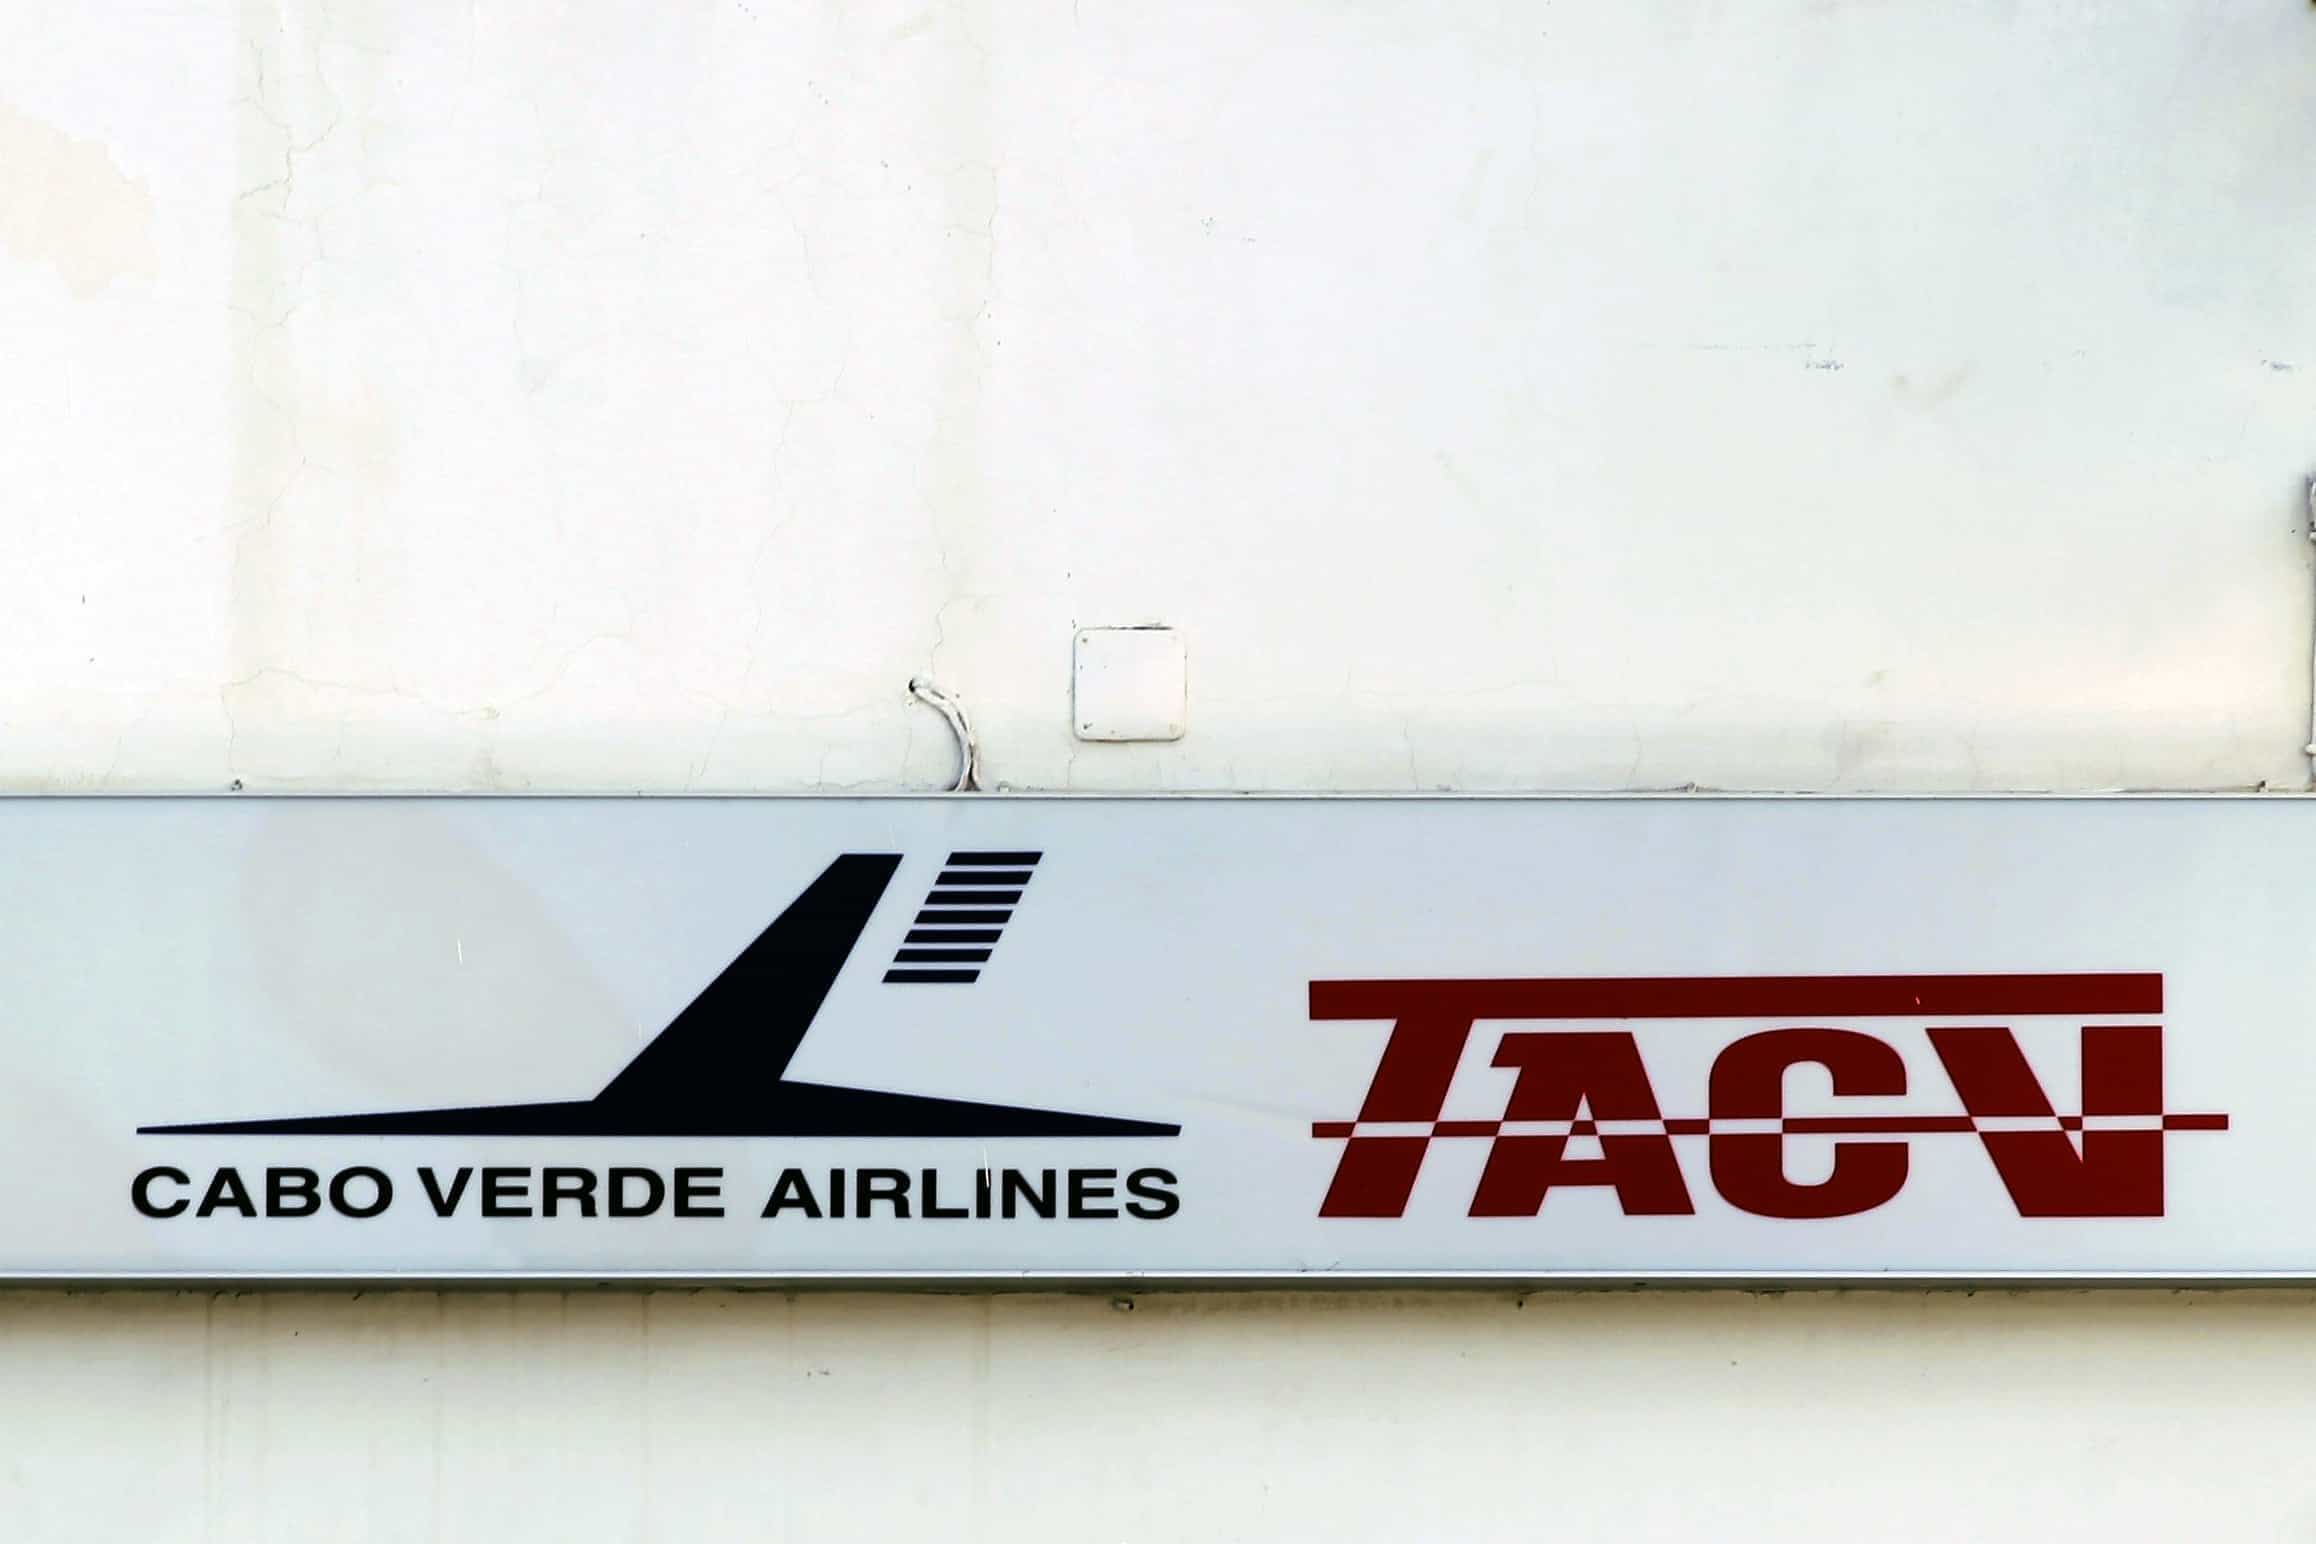 Estado de Cabo Verde vendeu 51% da companhia aérea nacional TACV